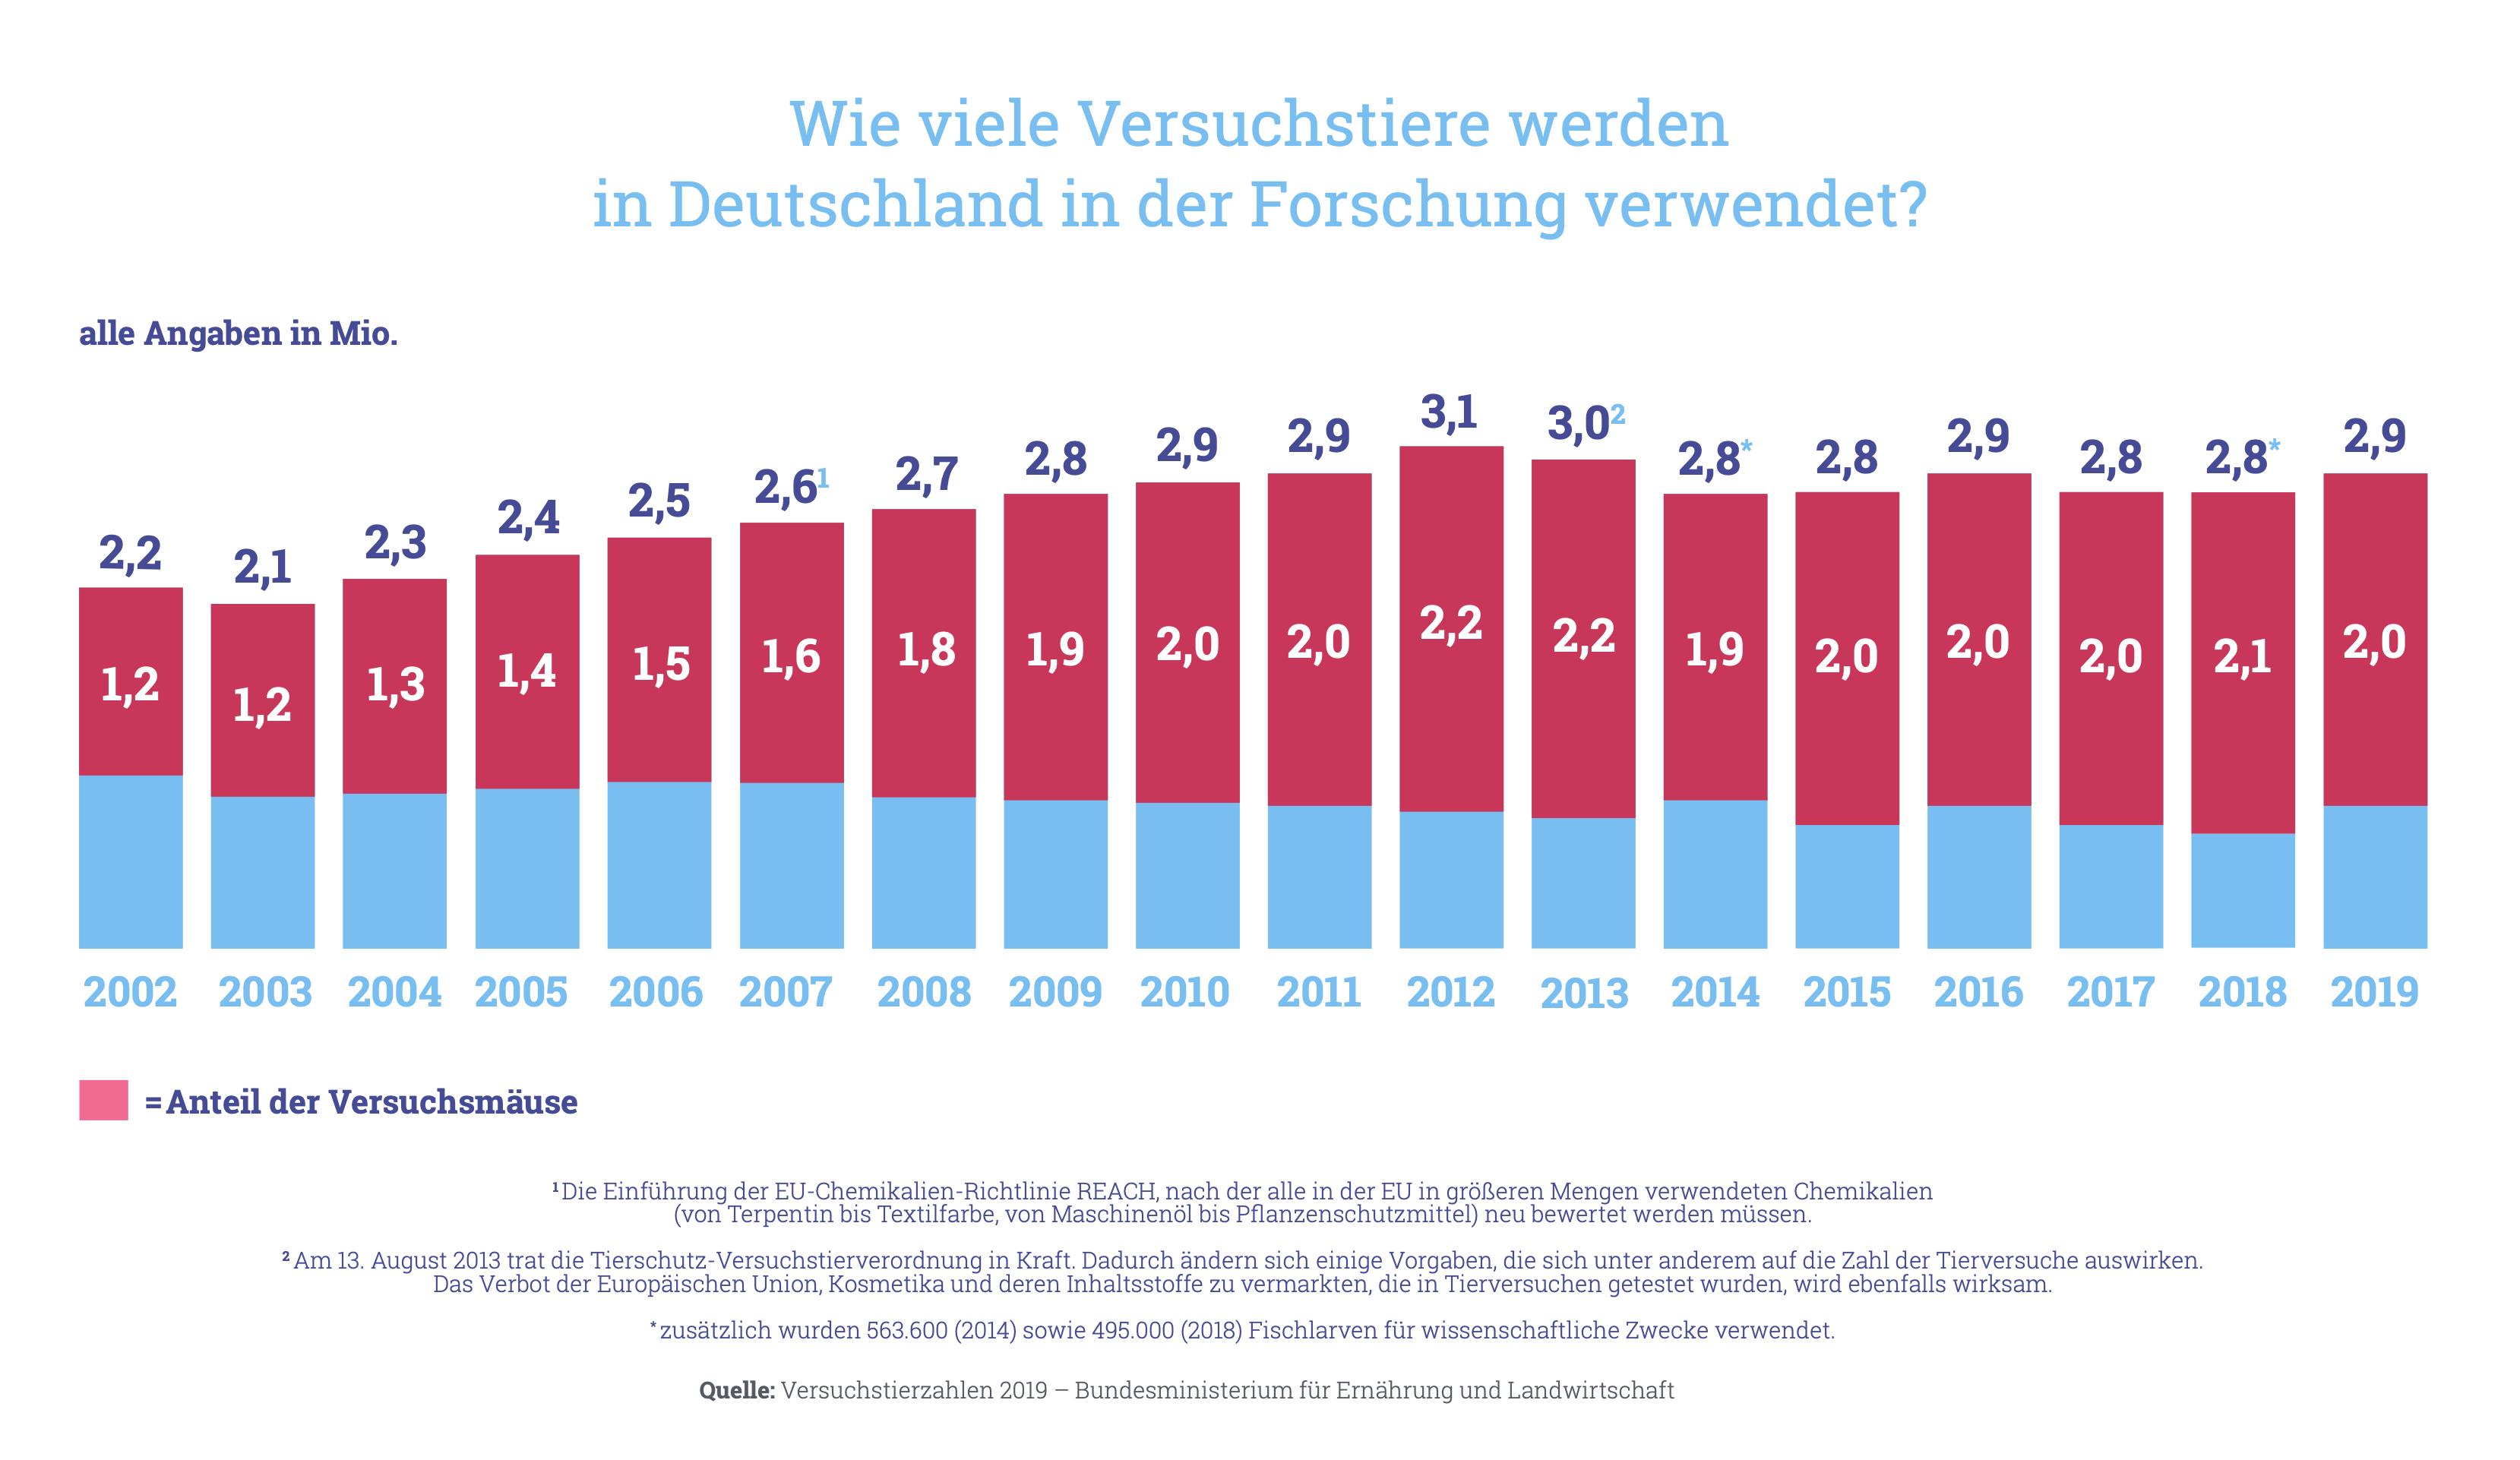 Grafik: Wie viele Versuchstiere werden in Deutschland in der Forschung verwendet?